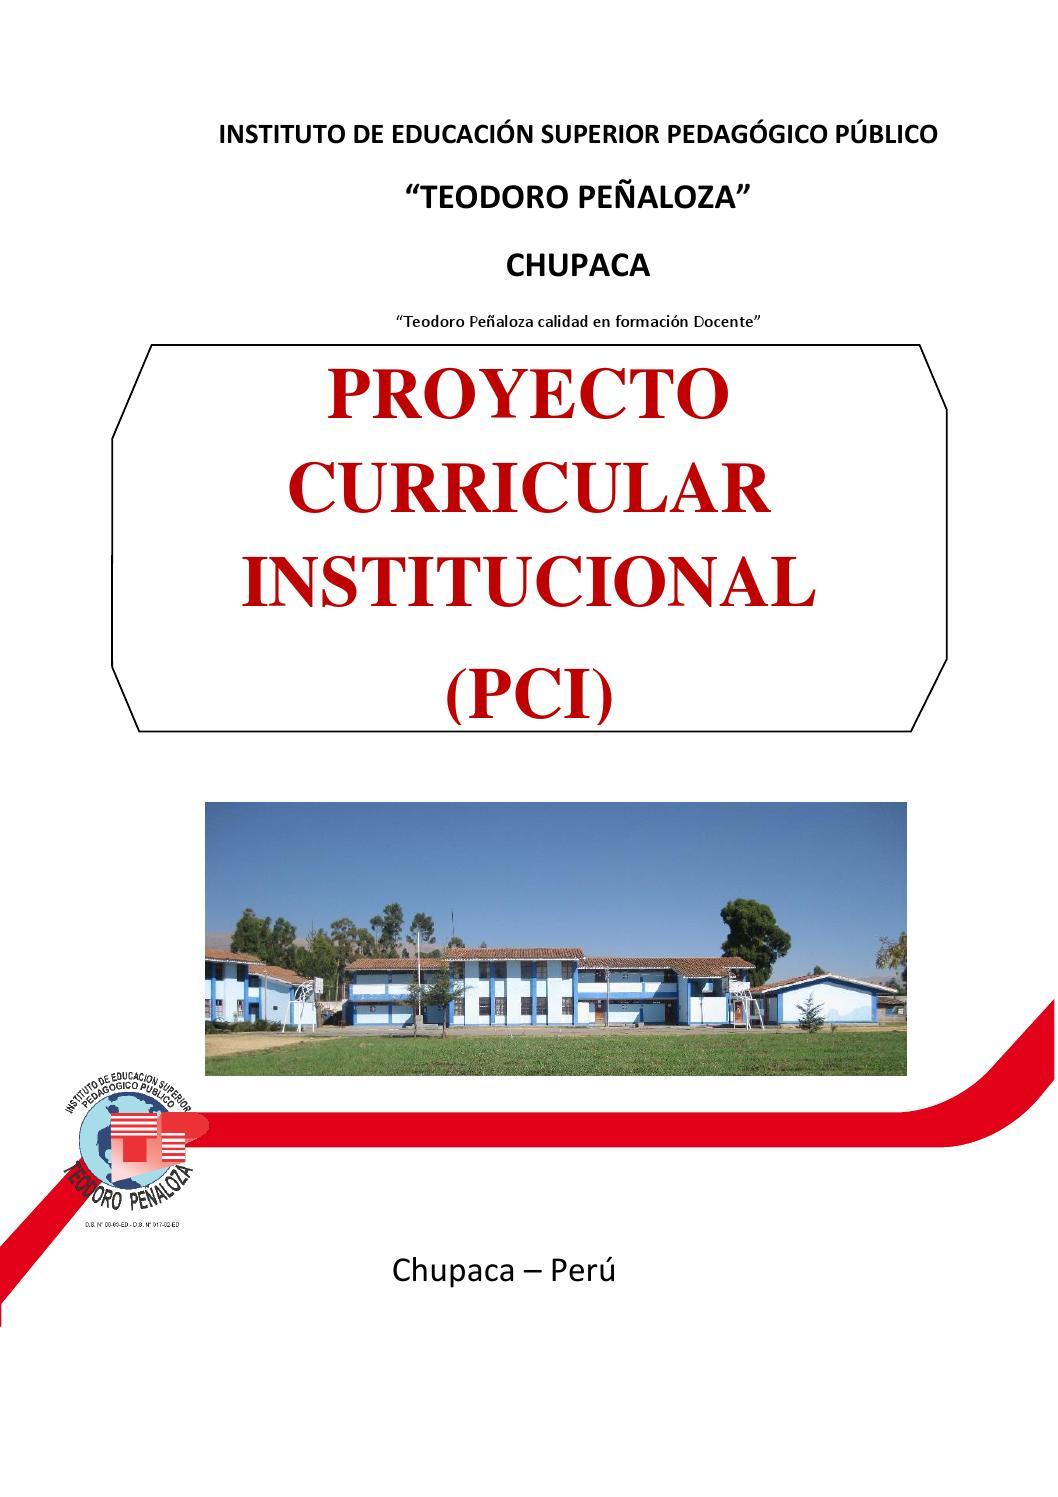 Proyecto Curricular Institucional by IESPP Teodoro Peñaloza - issuu